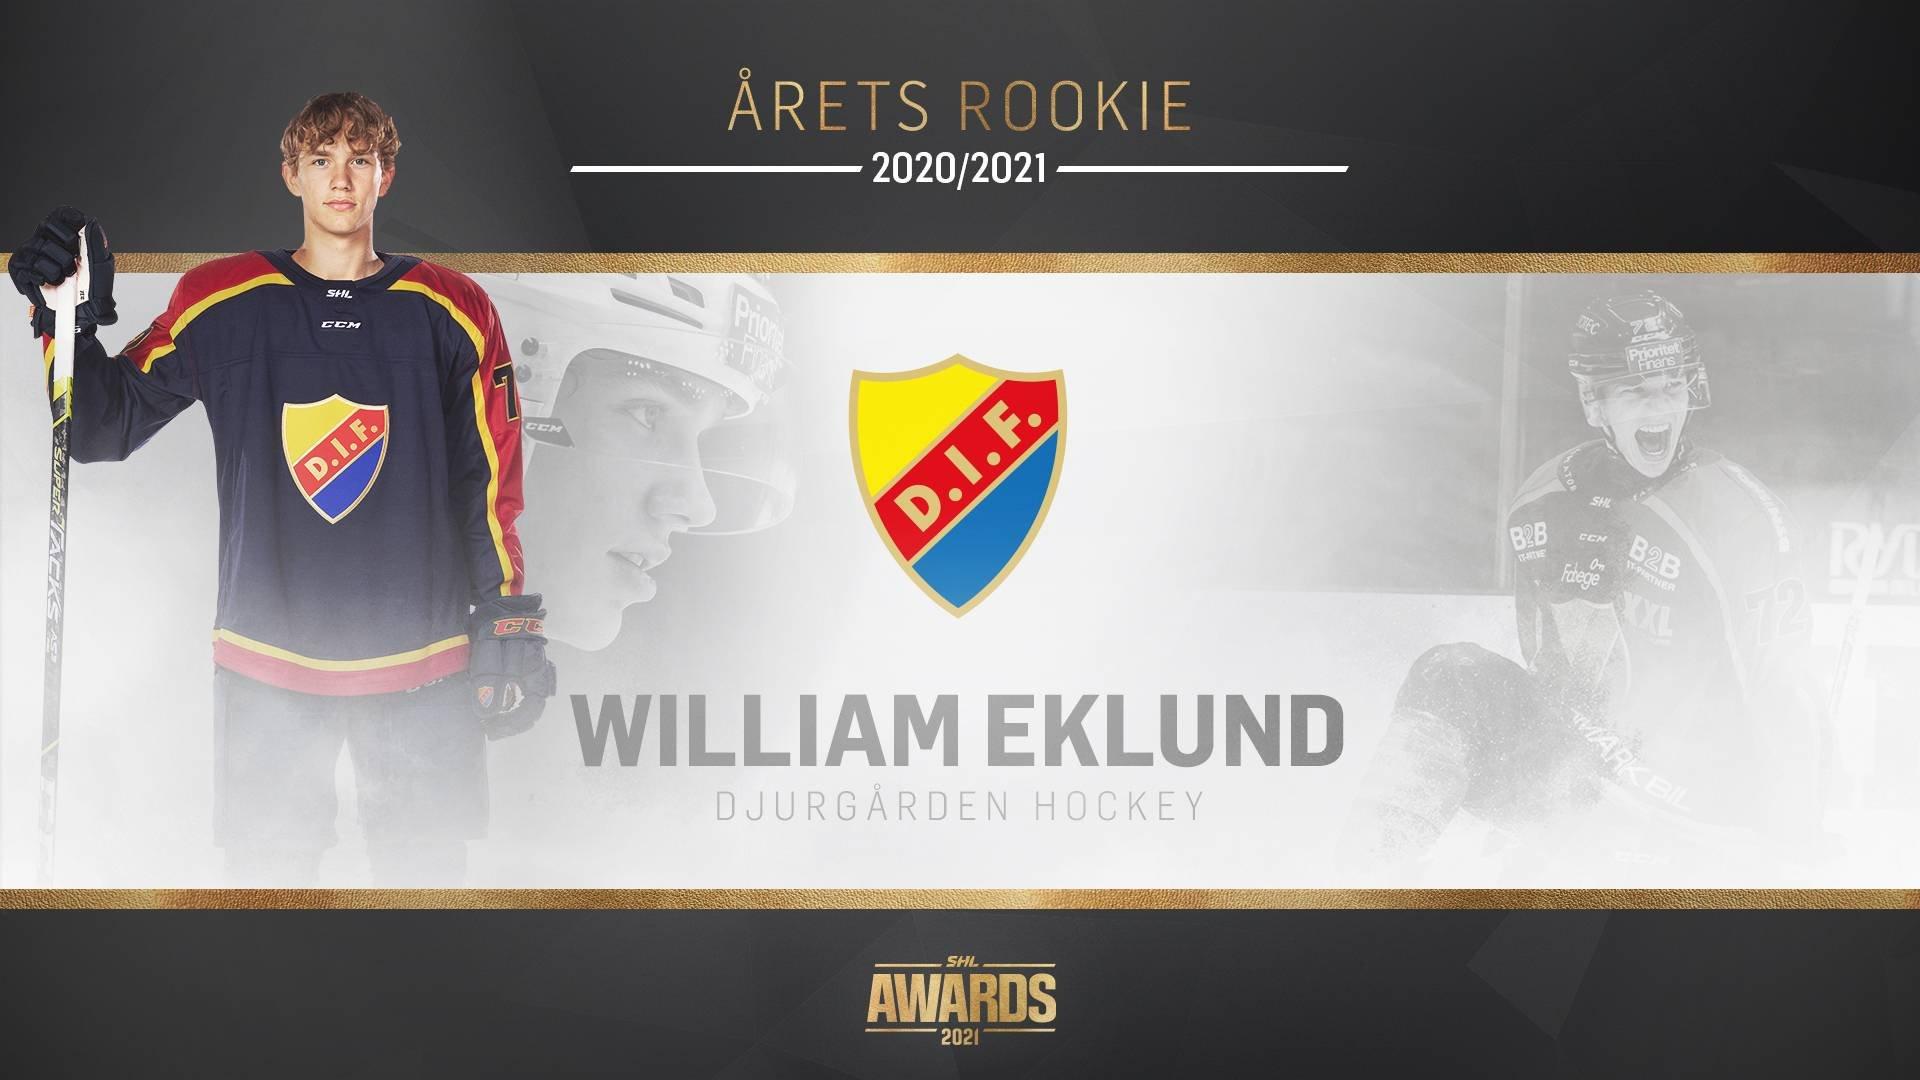 Årets rookie William Eklund